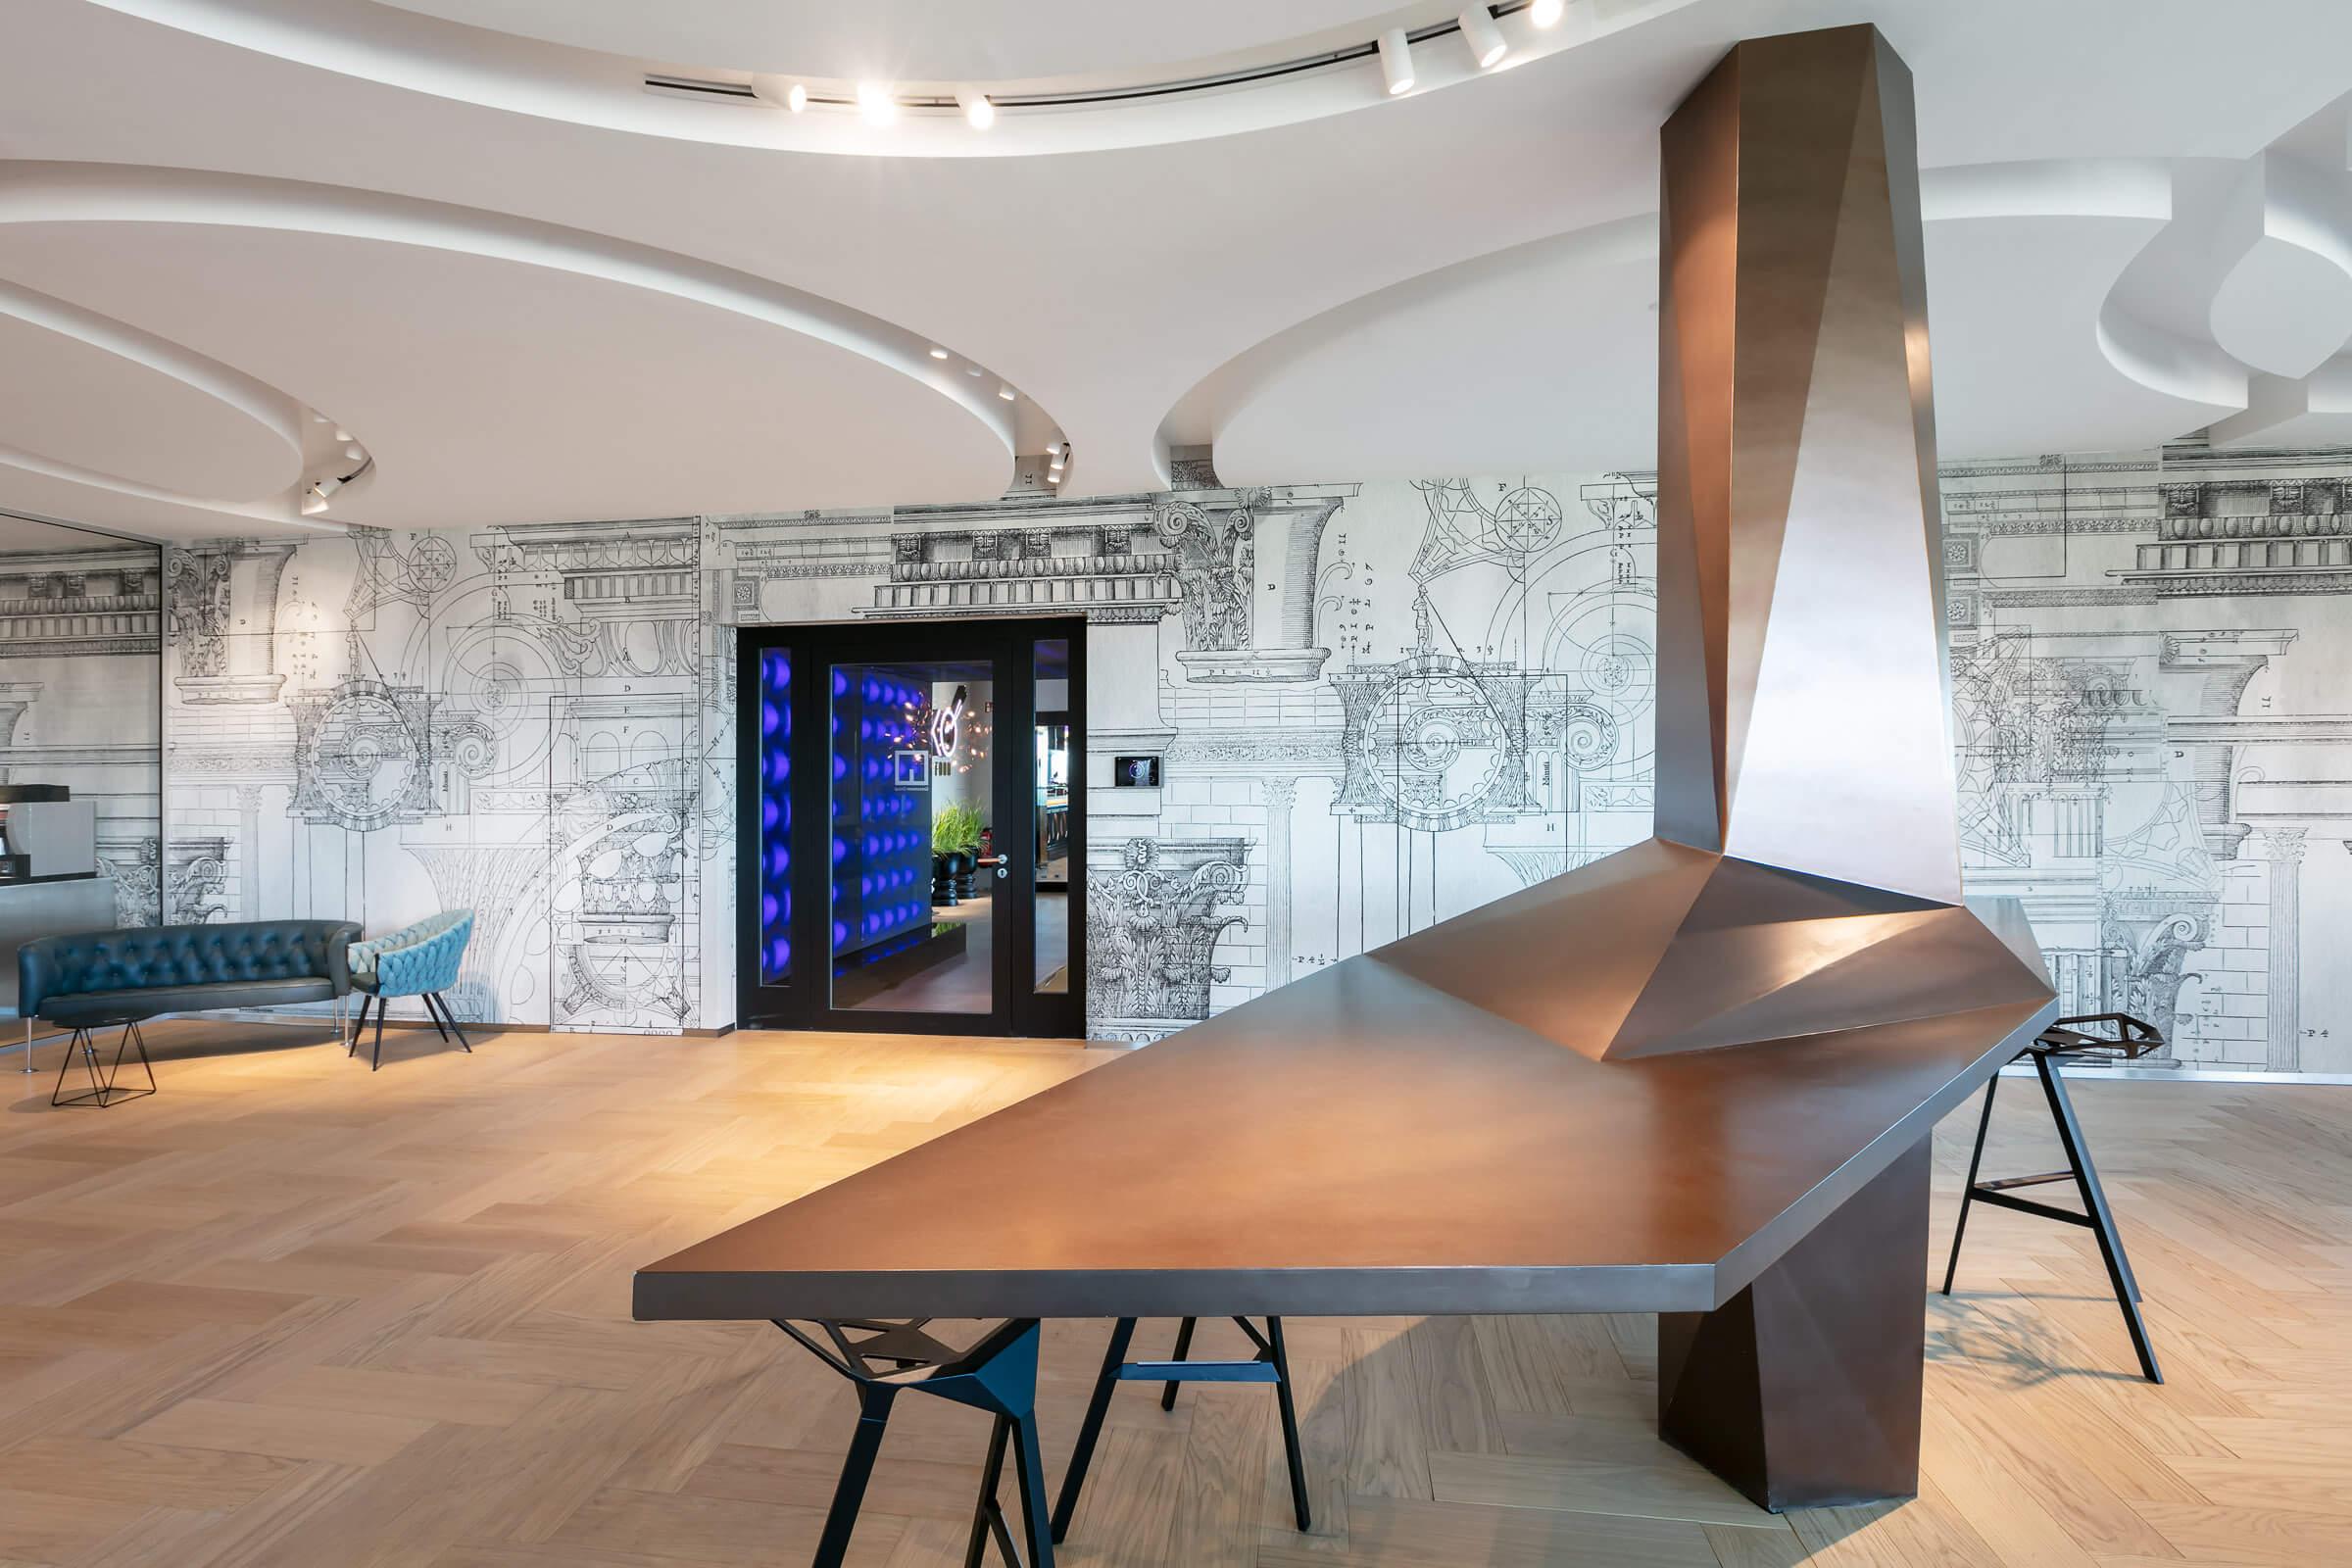 Ein Architekturbüro im edlen Design und mit Leuchtrahmen